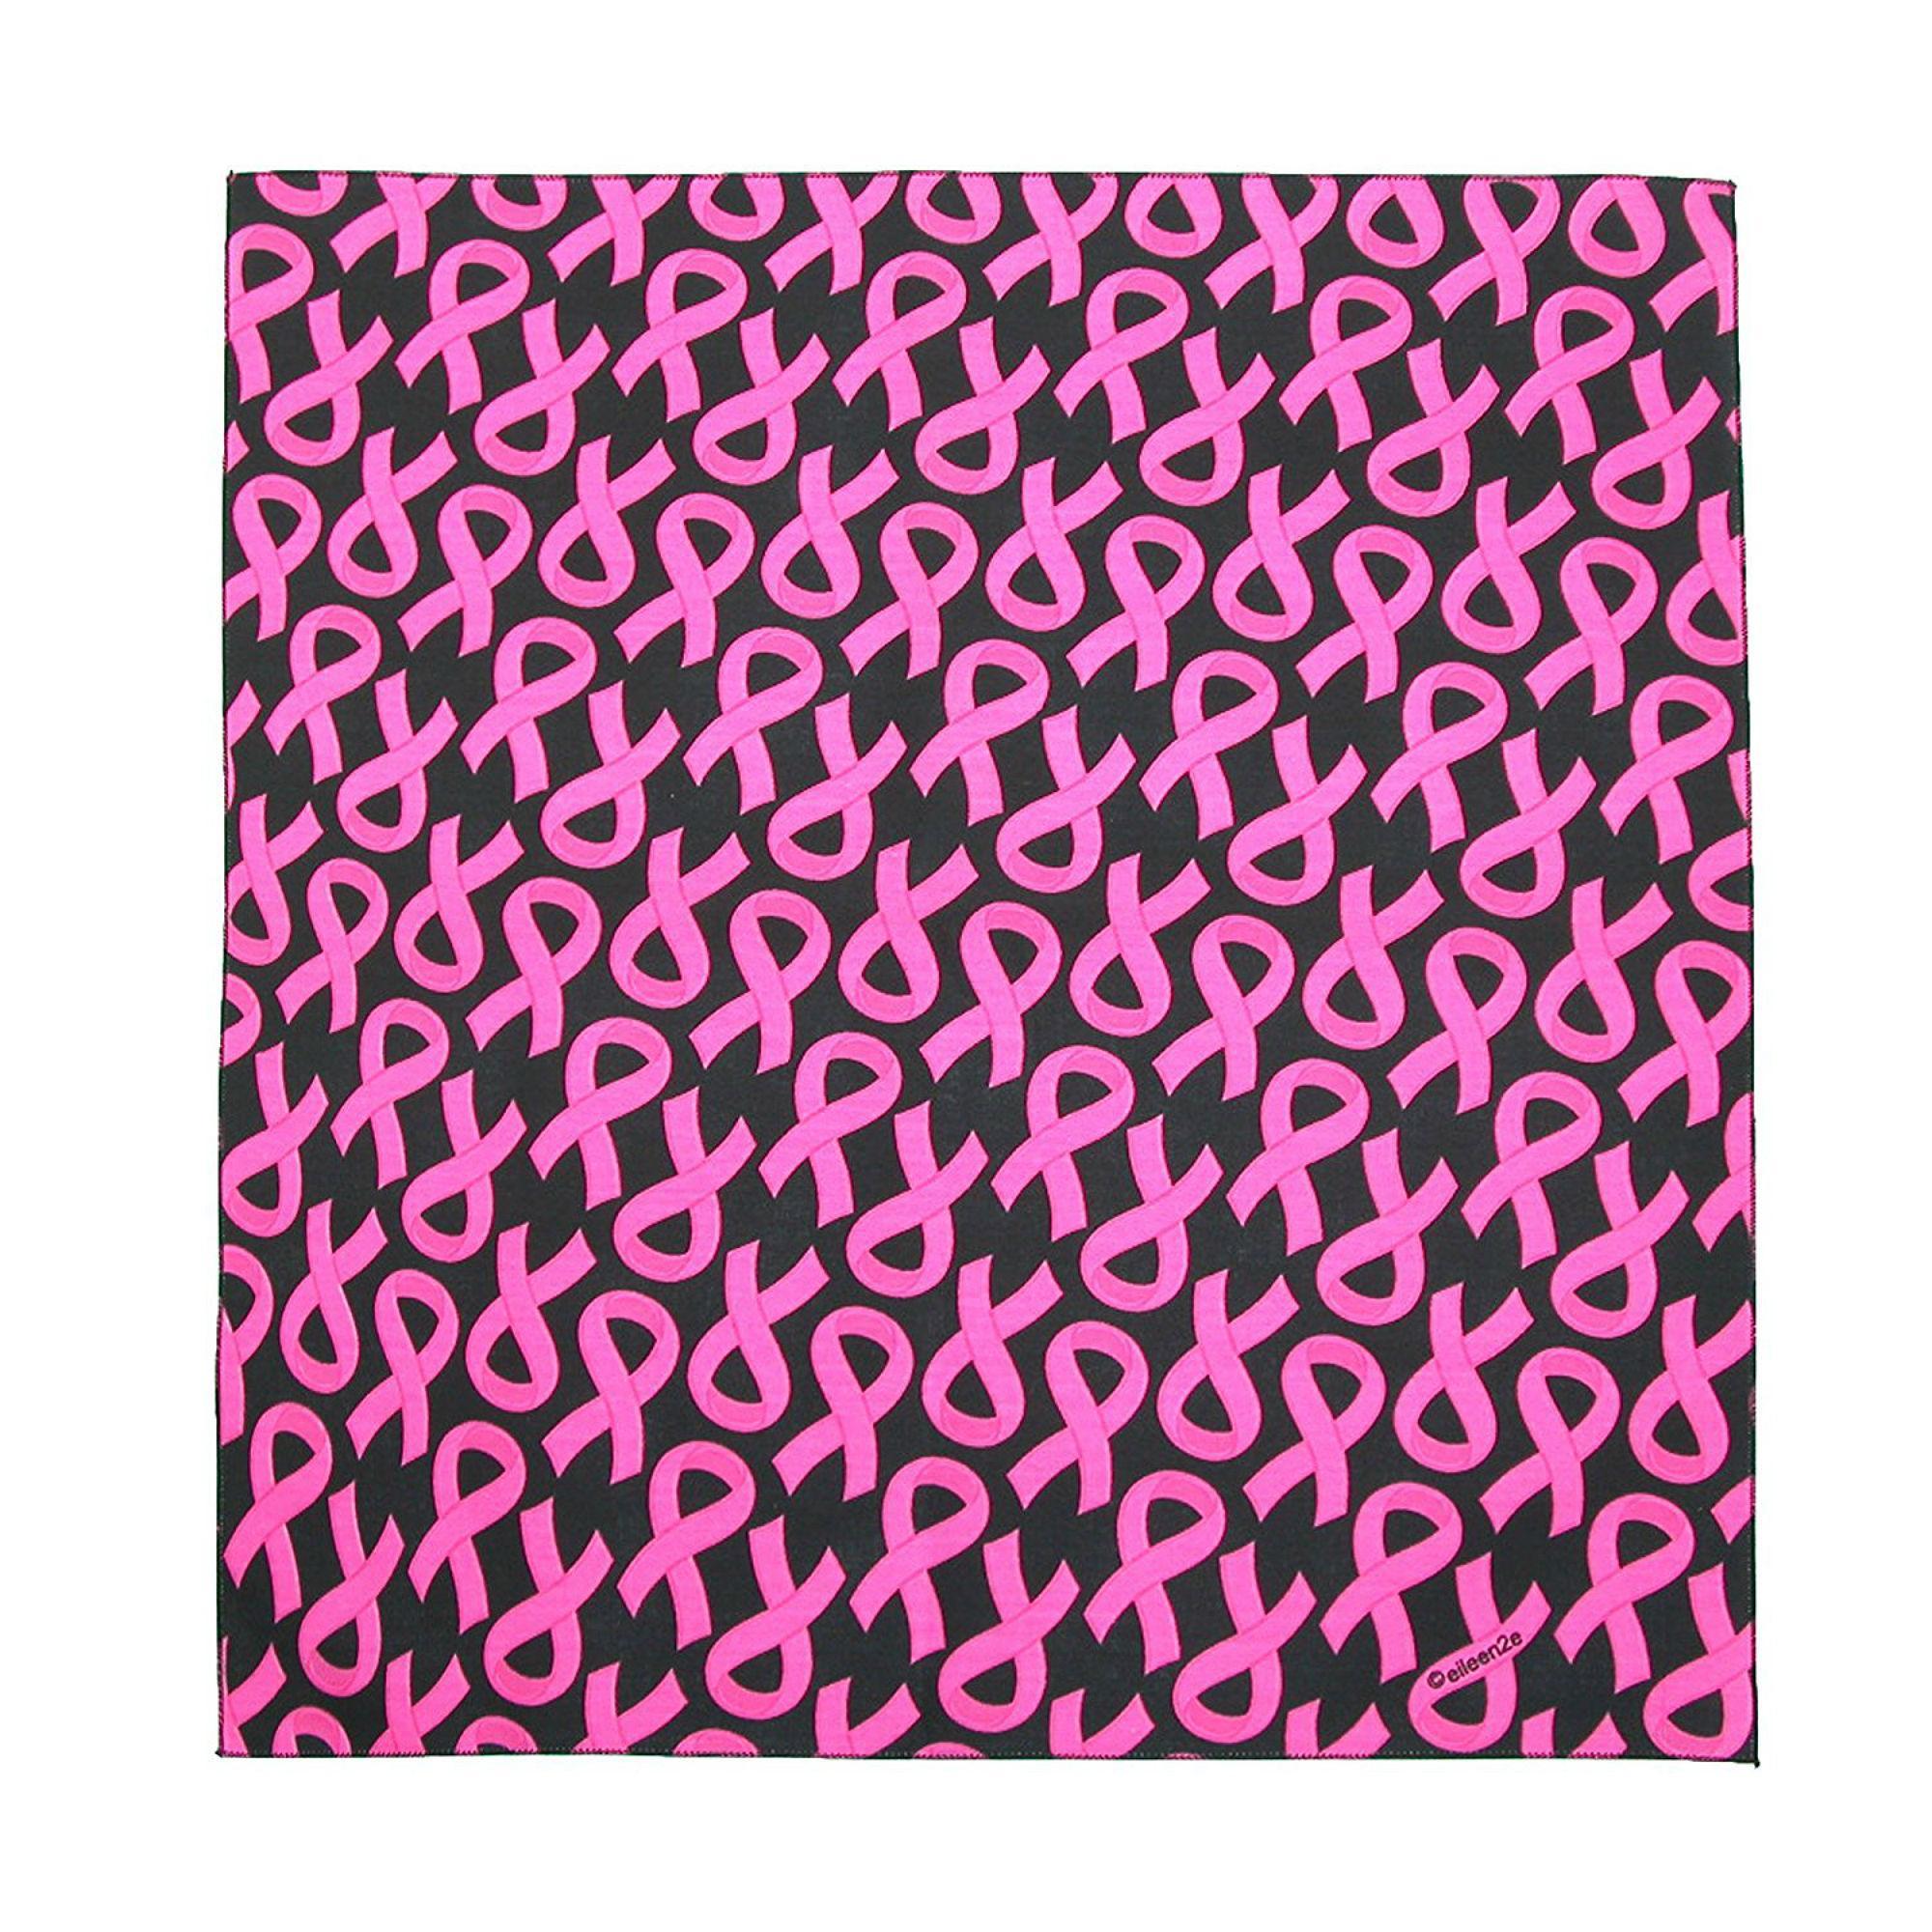 Pink Ribbon Breast Cancer Awareness Dog Bandana